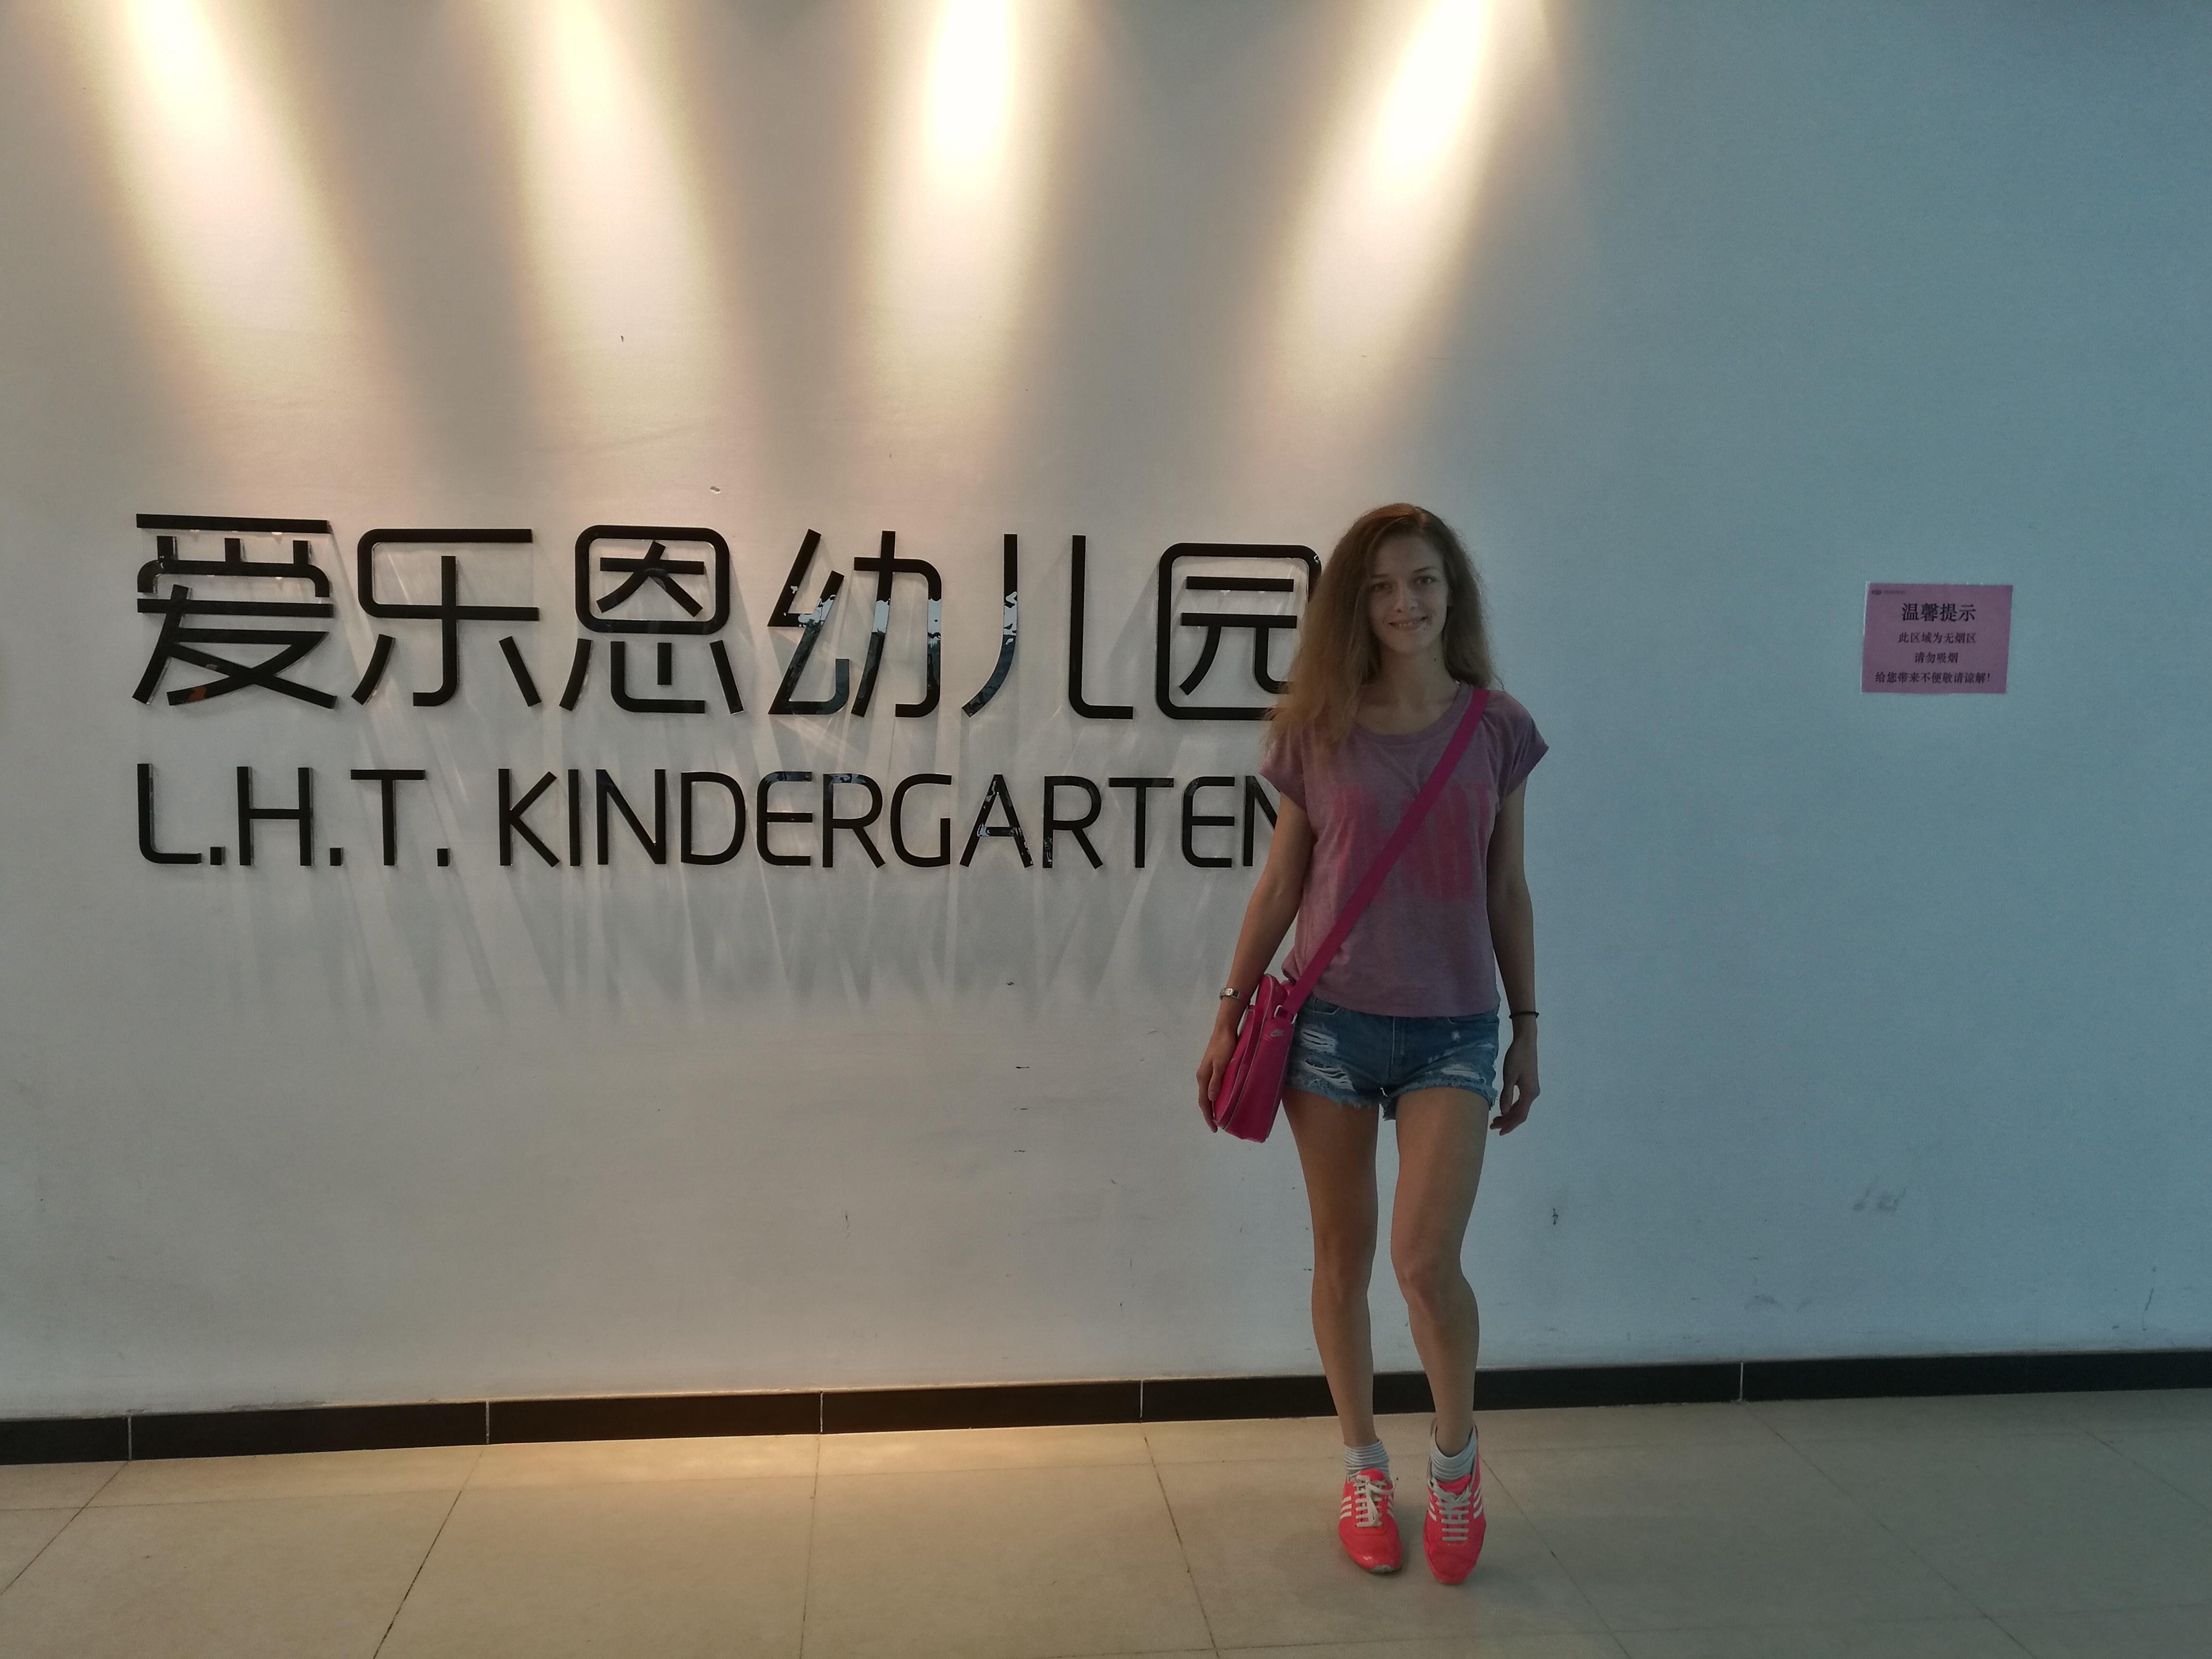 In her kindergarten